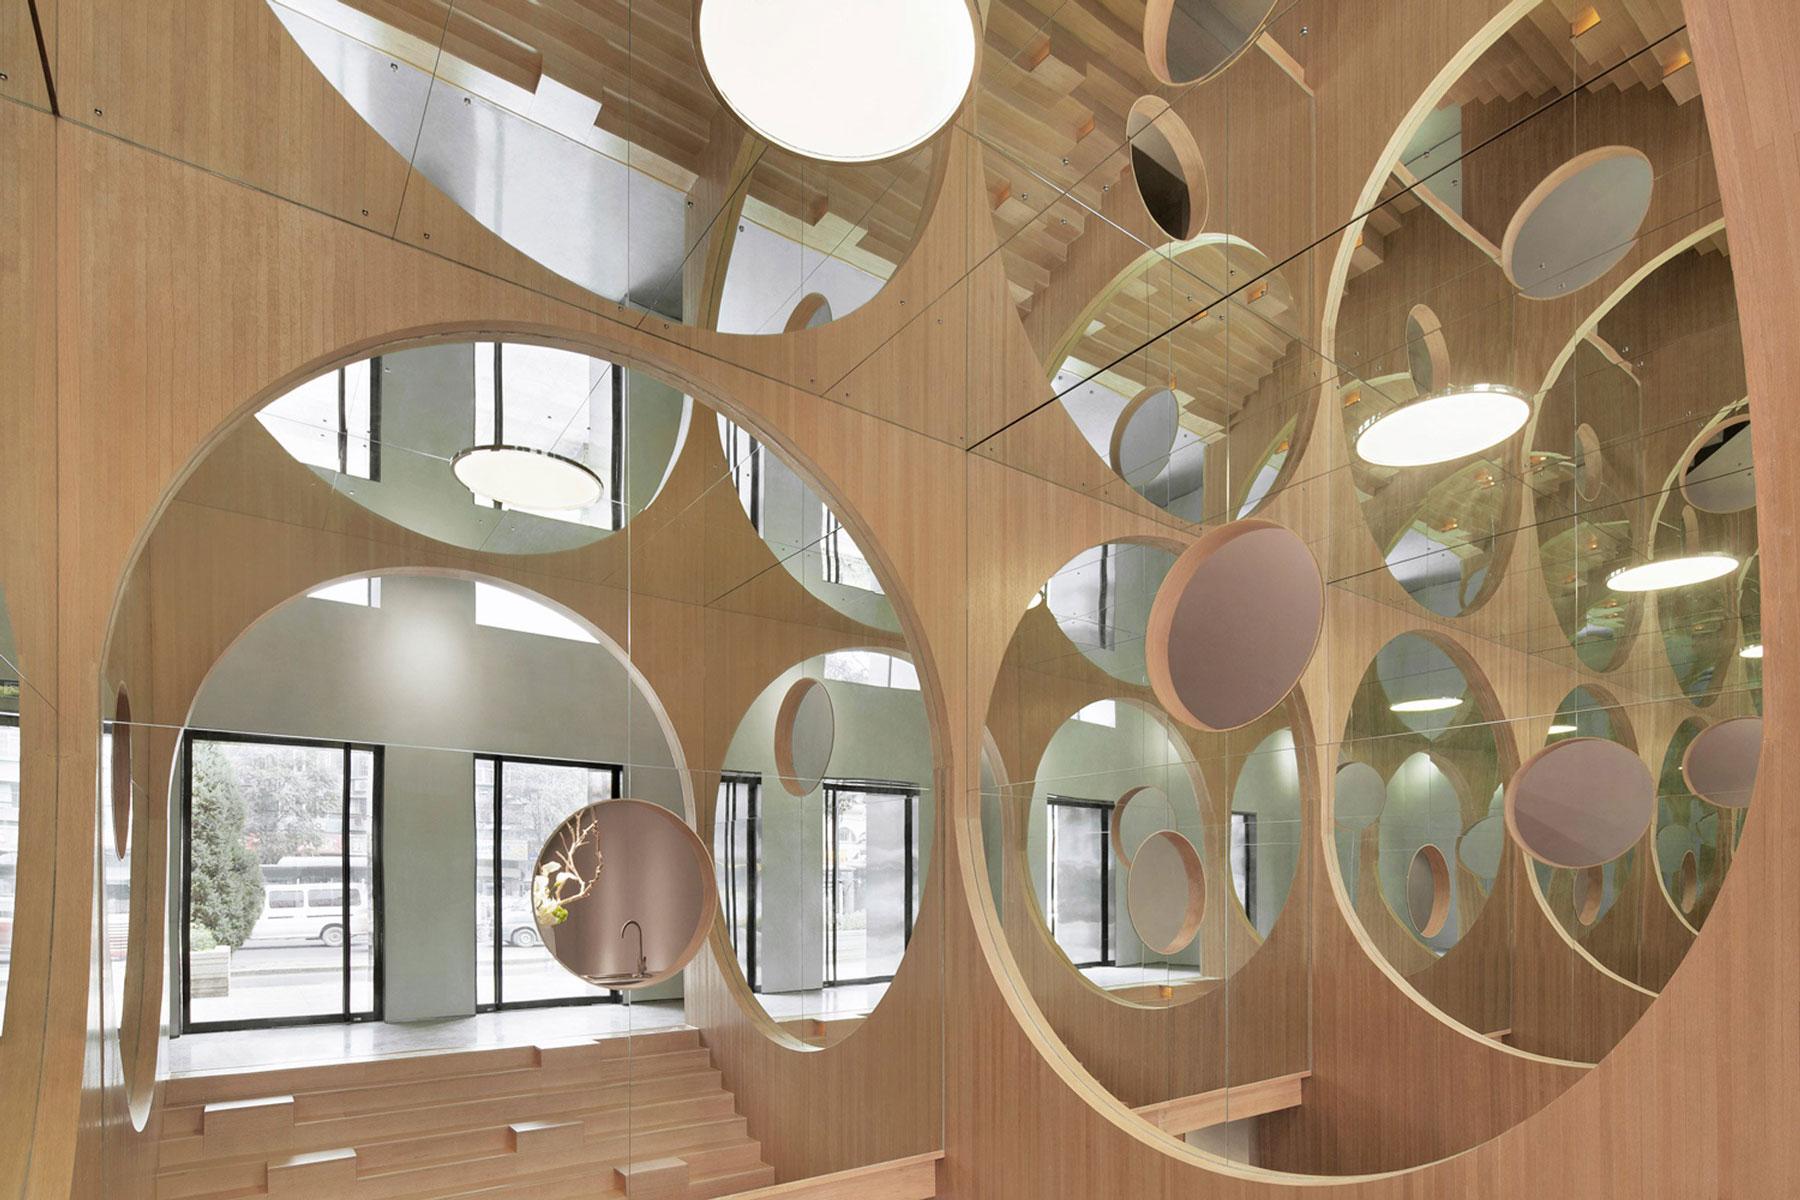 Hongkun Art Auditorium in Beijing, China by Penda   Yellowtrace